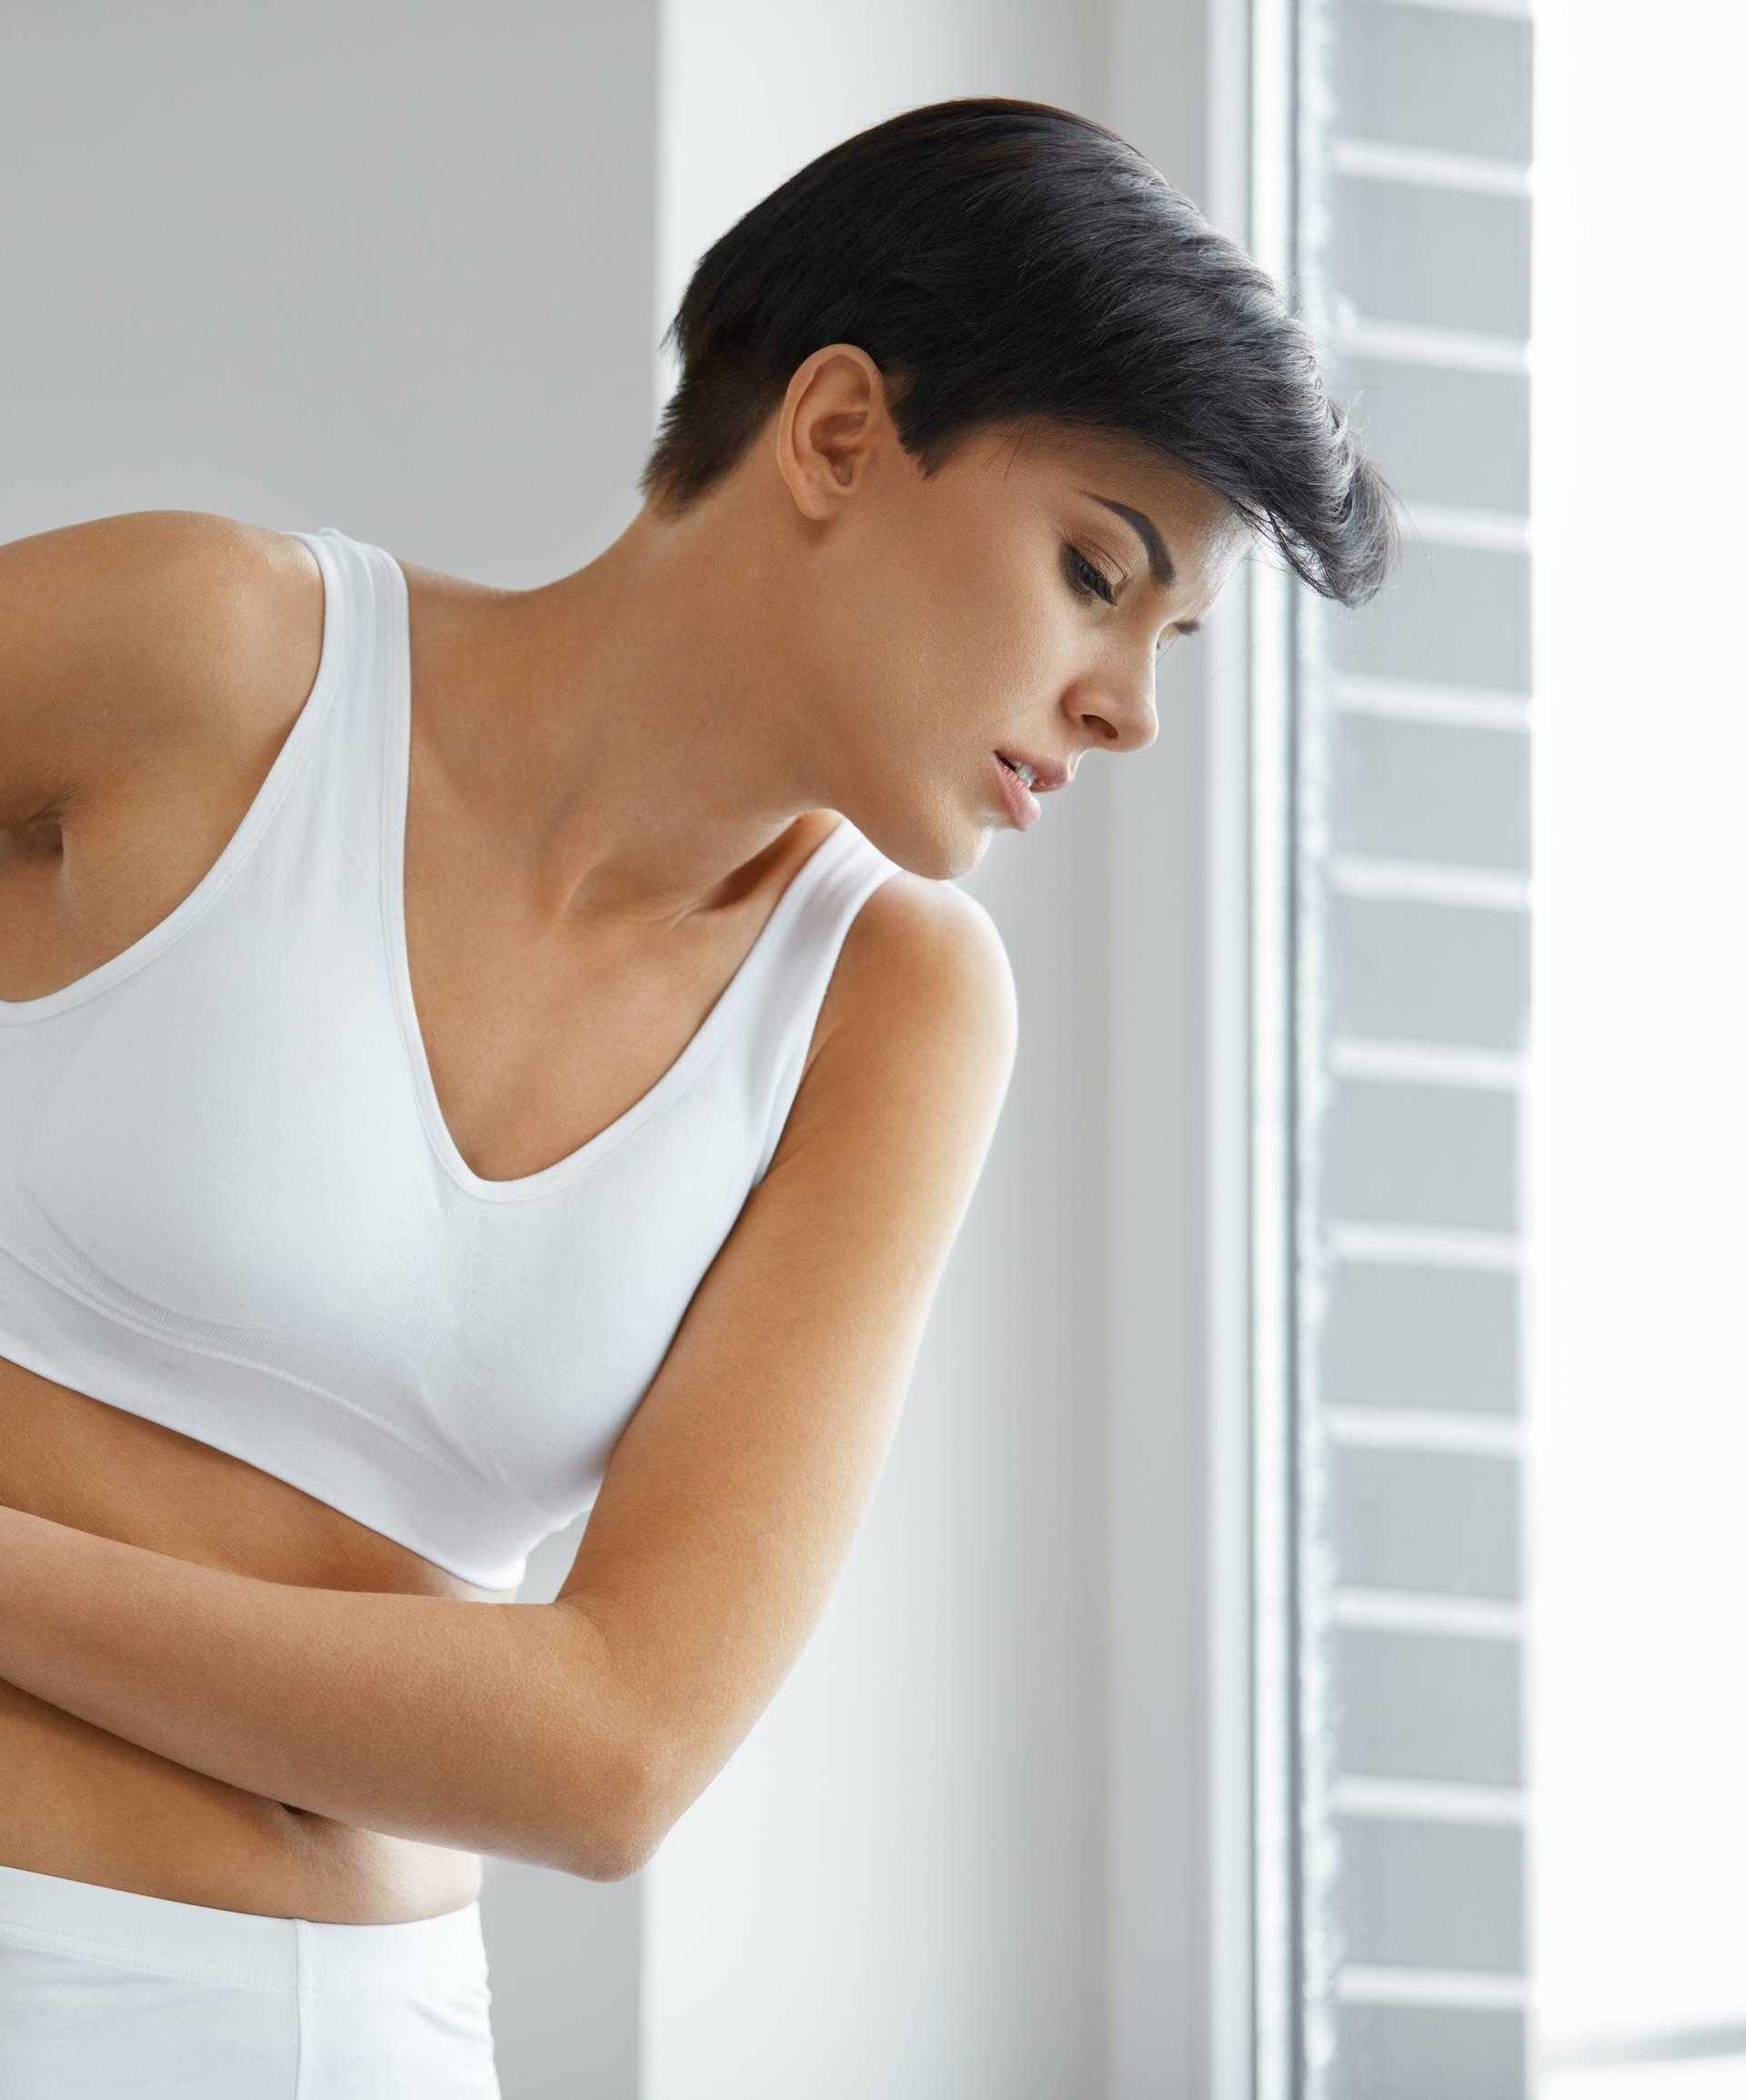 Mjerenje krvnog tlaka i šećera mogu otkriti bolesti bubrega